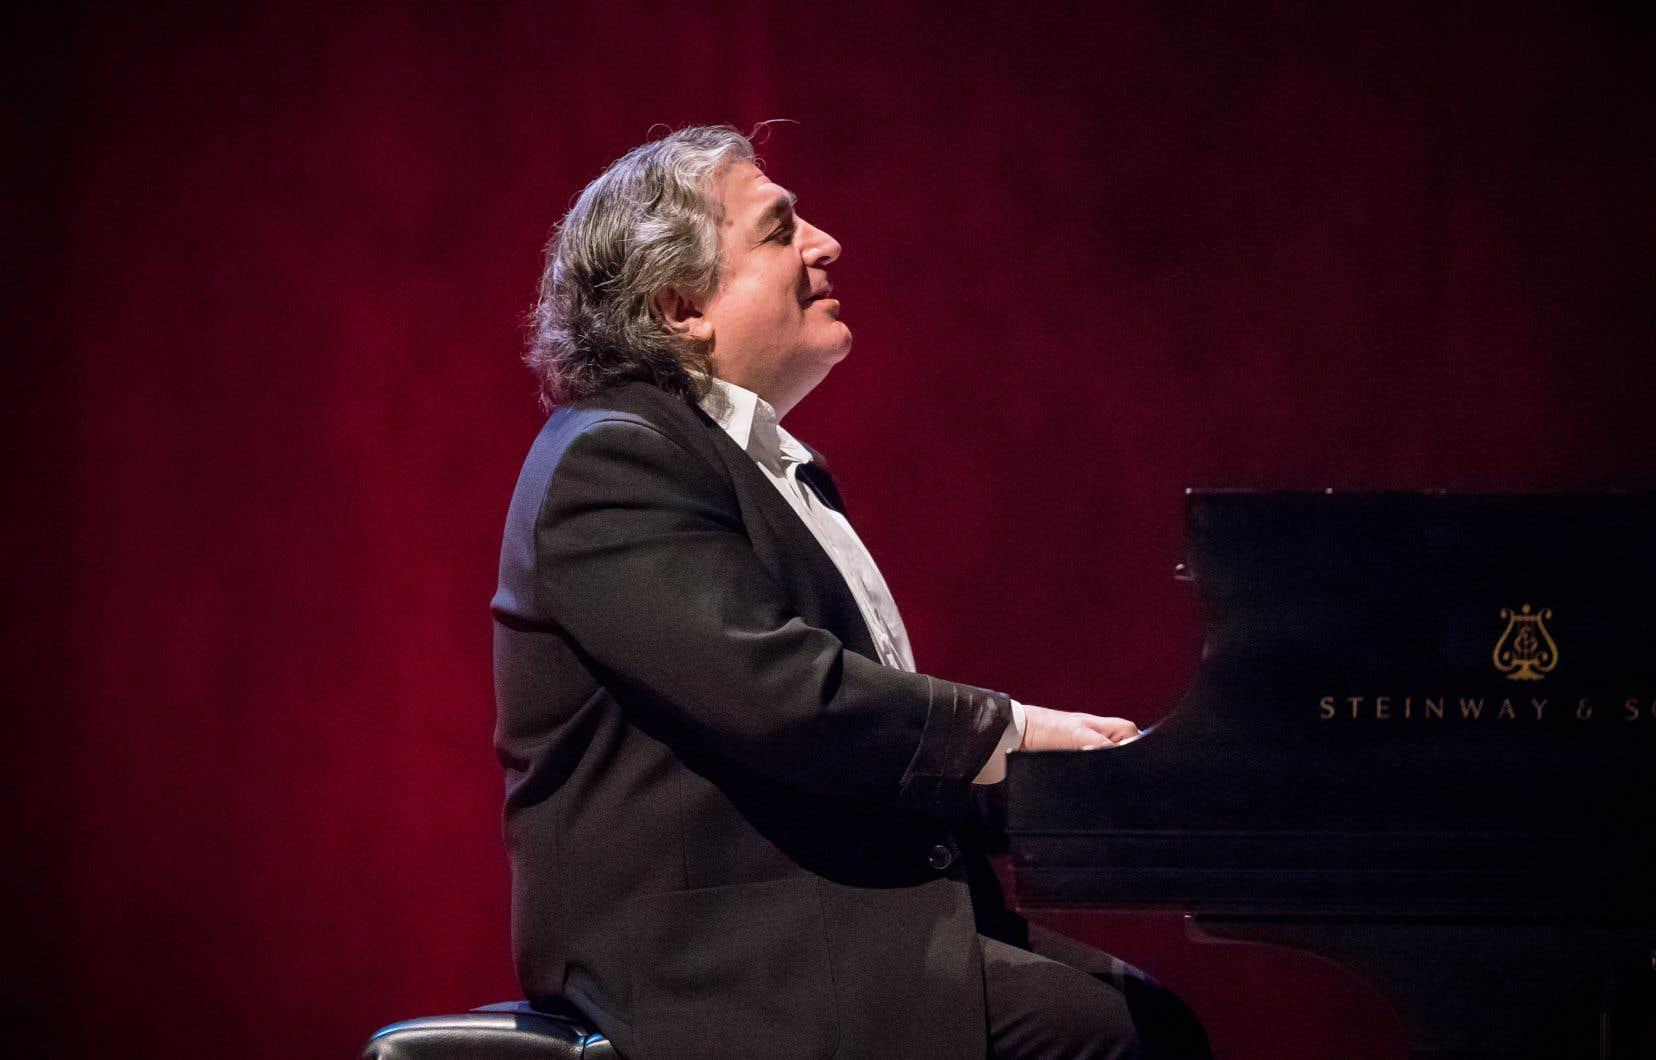 L'expérience Babayan, c'est cela. Ce musicien est «prêt» et ce qu'il nous livre en concert au moment où il le fait est la chose la plus précieuse au monde.